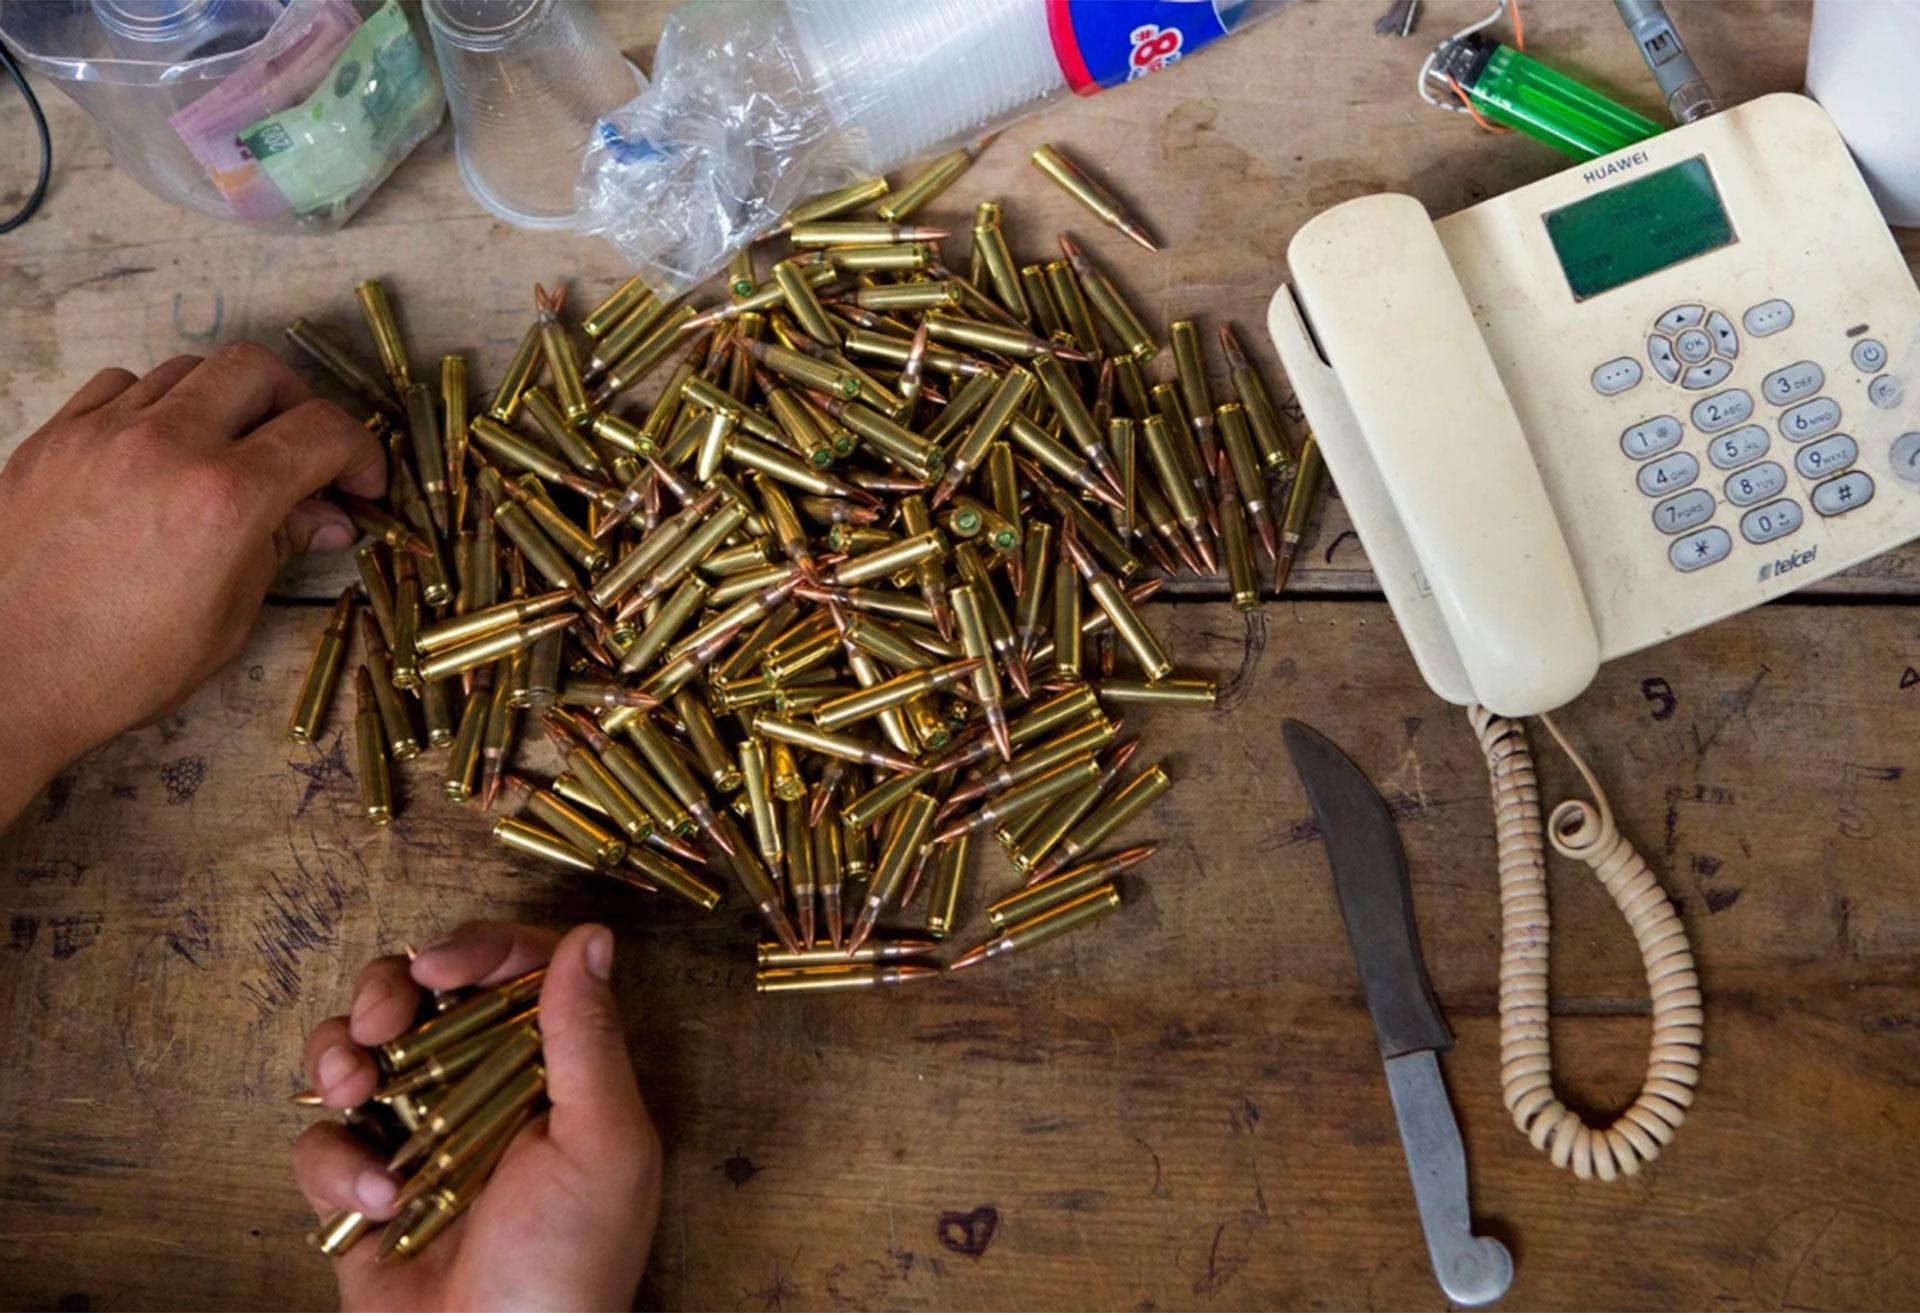 Un miembro del grupo cuenta las balas